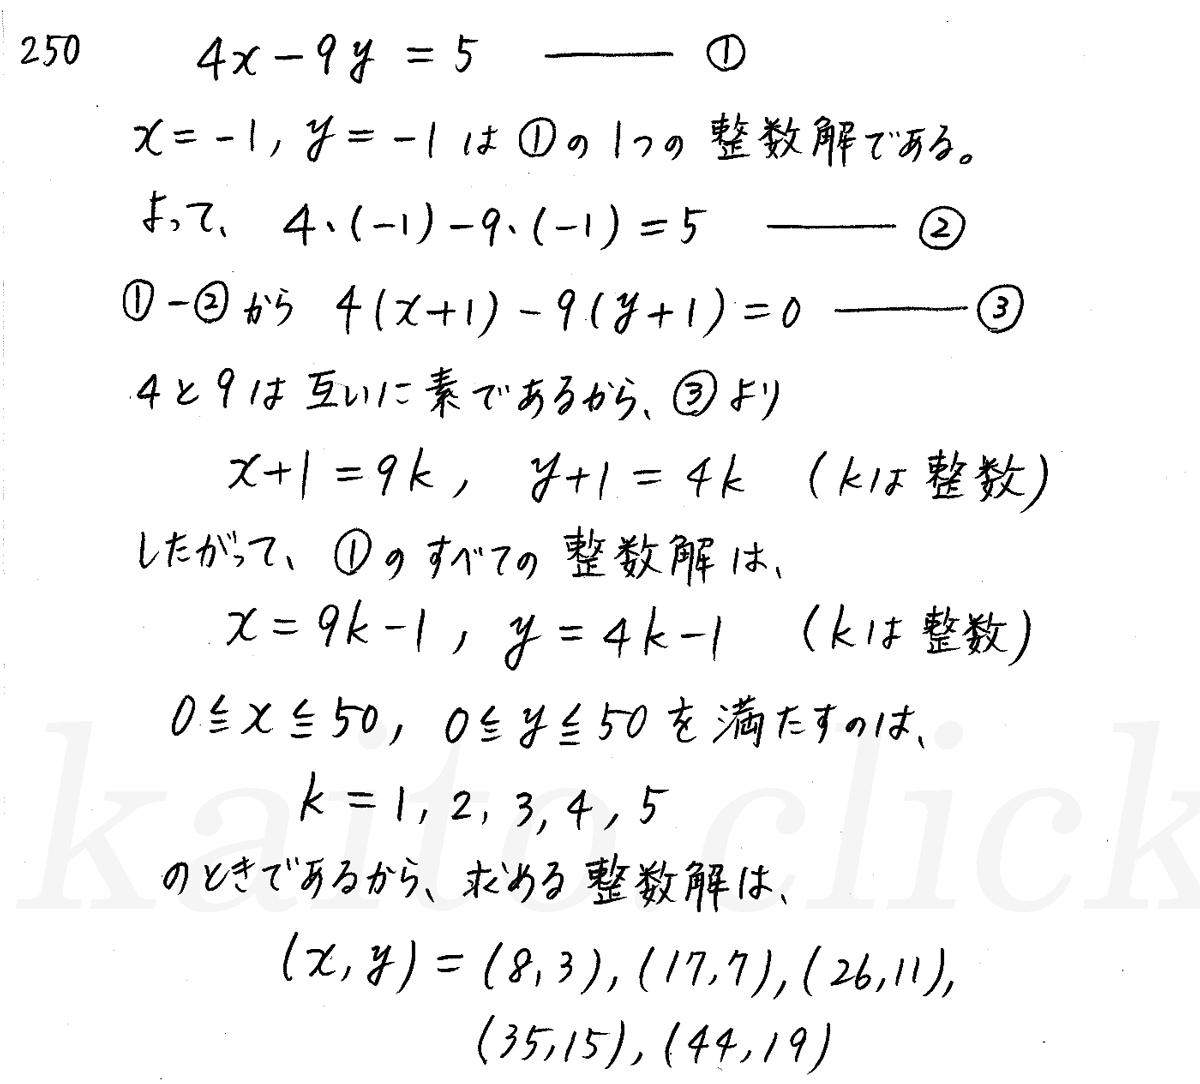 クリアー数学A-250解答